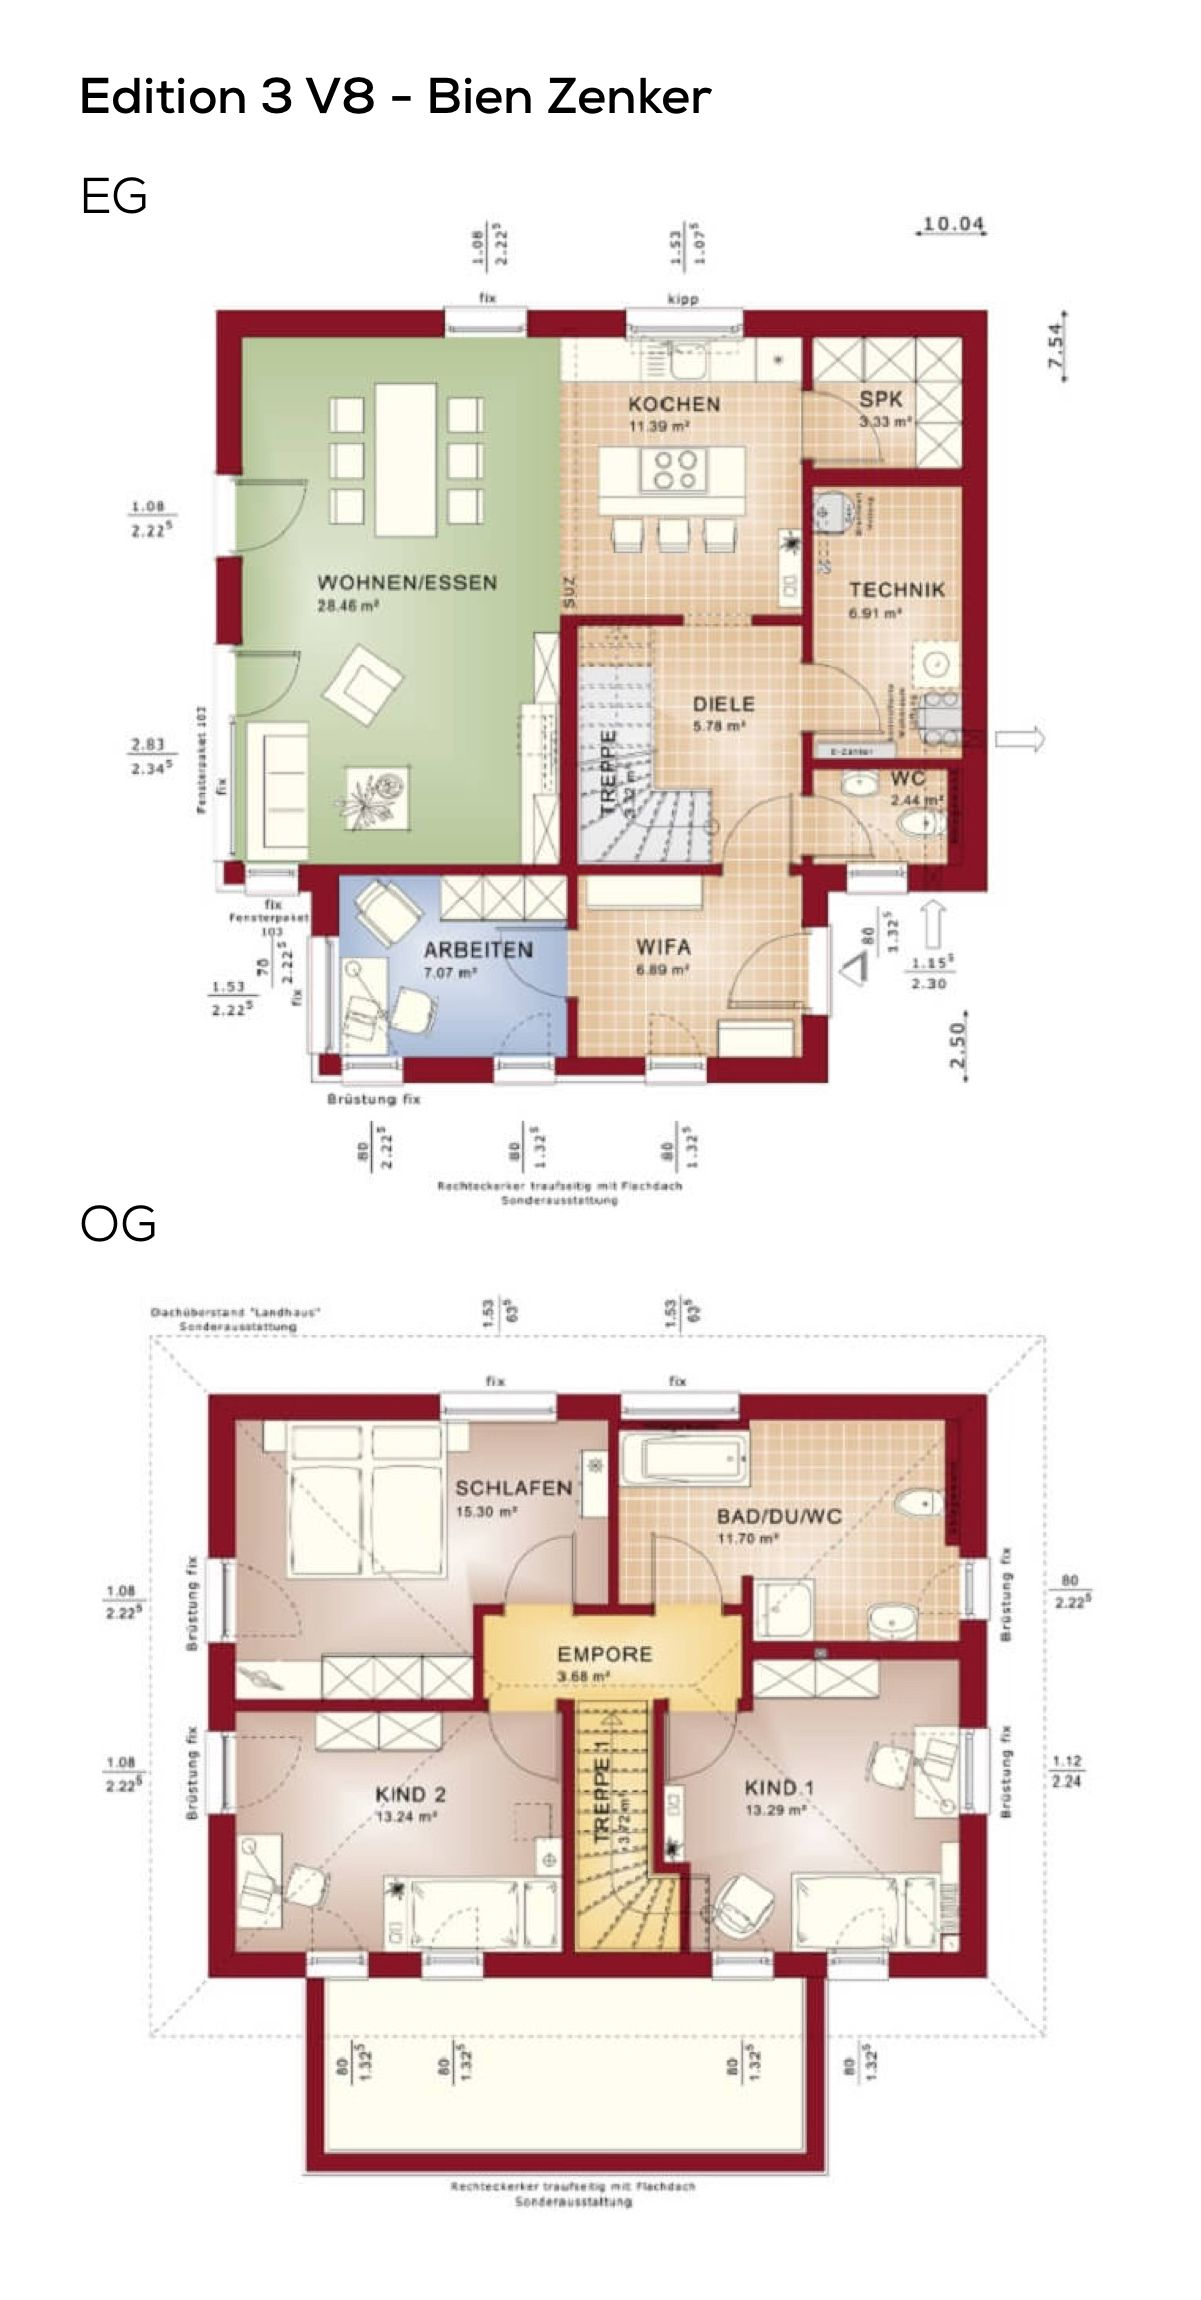 Grundriss Stadtvilla quadratisch mit Walmdach Architektur & Erker ...